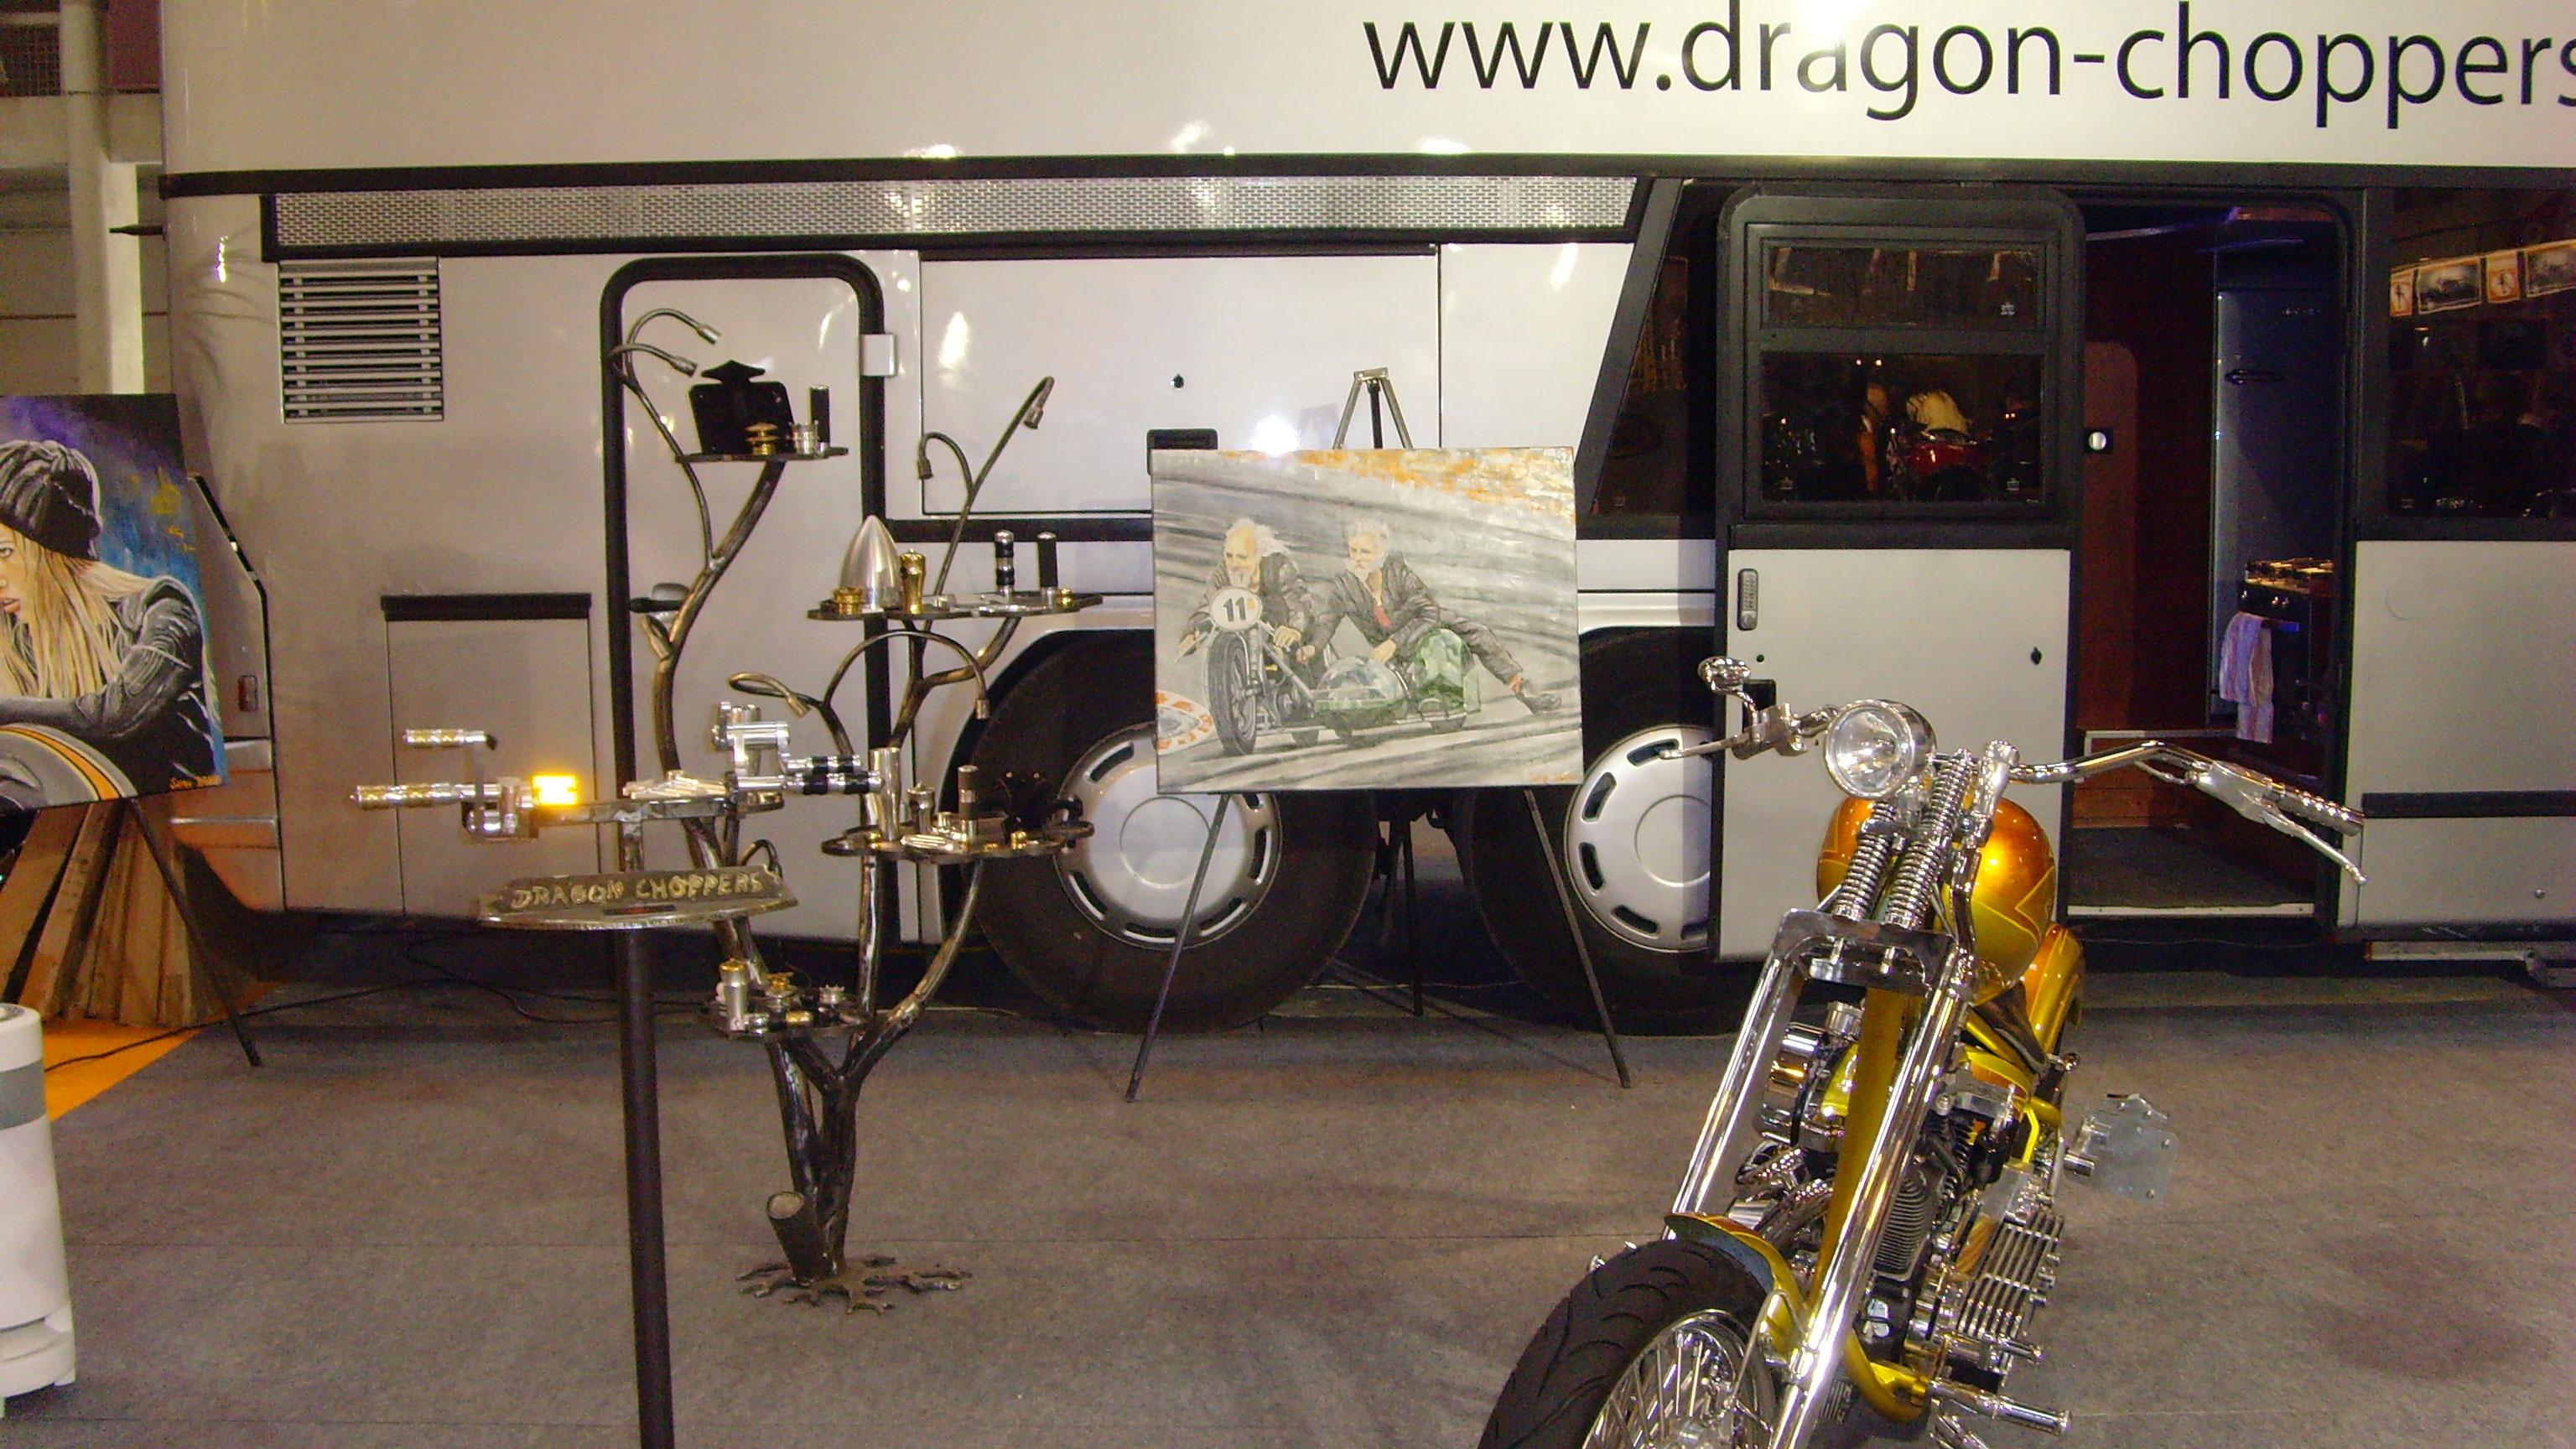 dragon choppers premier constructeur fran ais de motos customs homologu s salon de la moto et. Black Bedroom Furniture Sets. Home Design Ideas